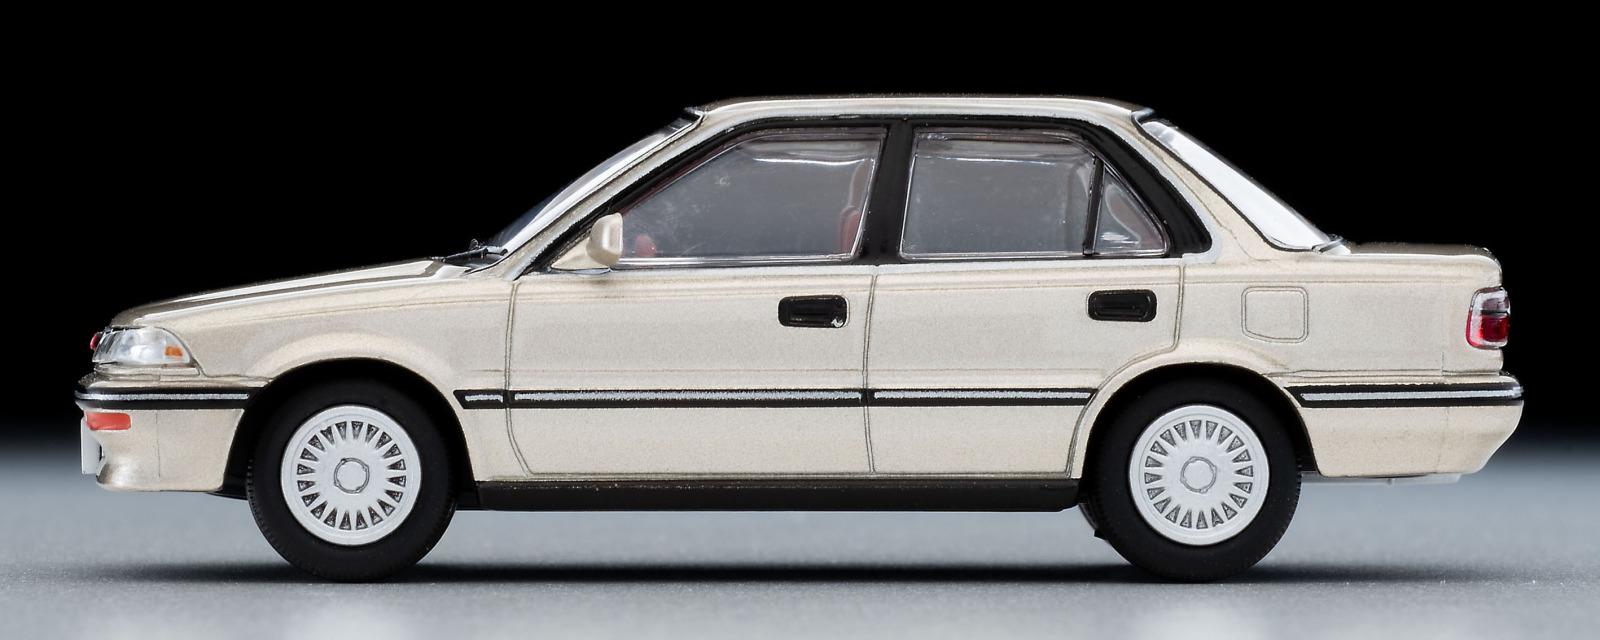 「史上最高の販売台数6代目カローラの「1500SEリミテッド」がトミカLV-NEOに新登場【ミニカー新製品情報】」の5枚目の画像